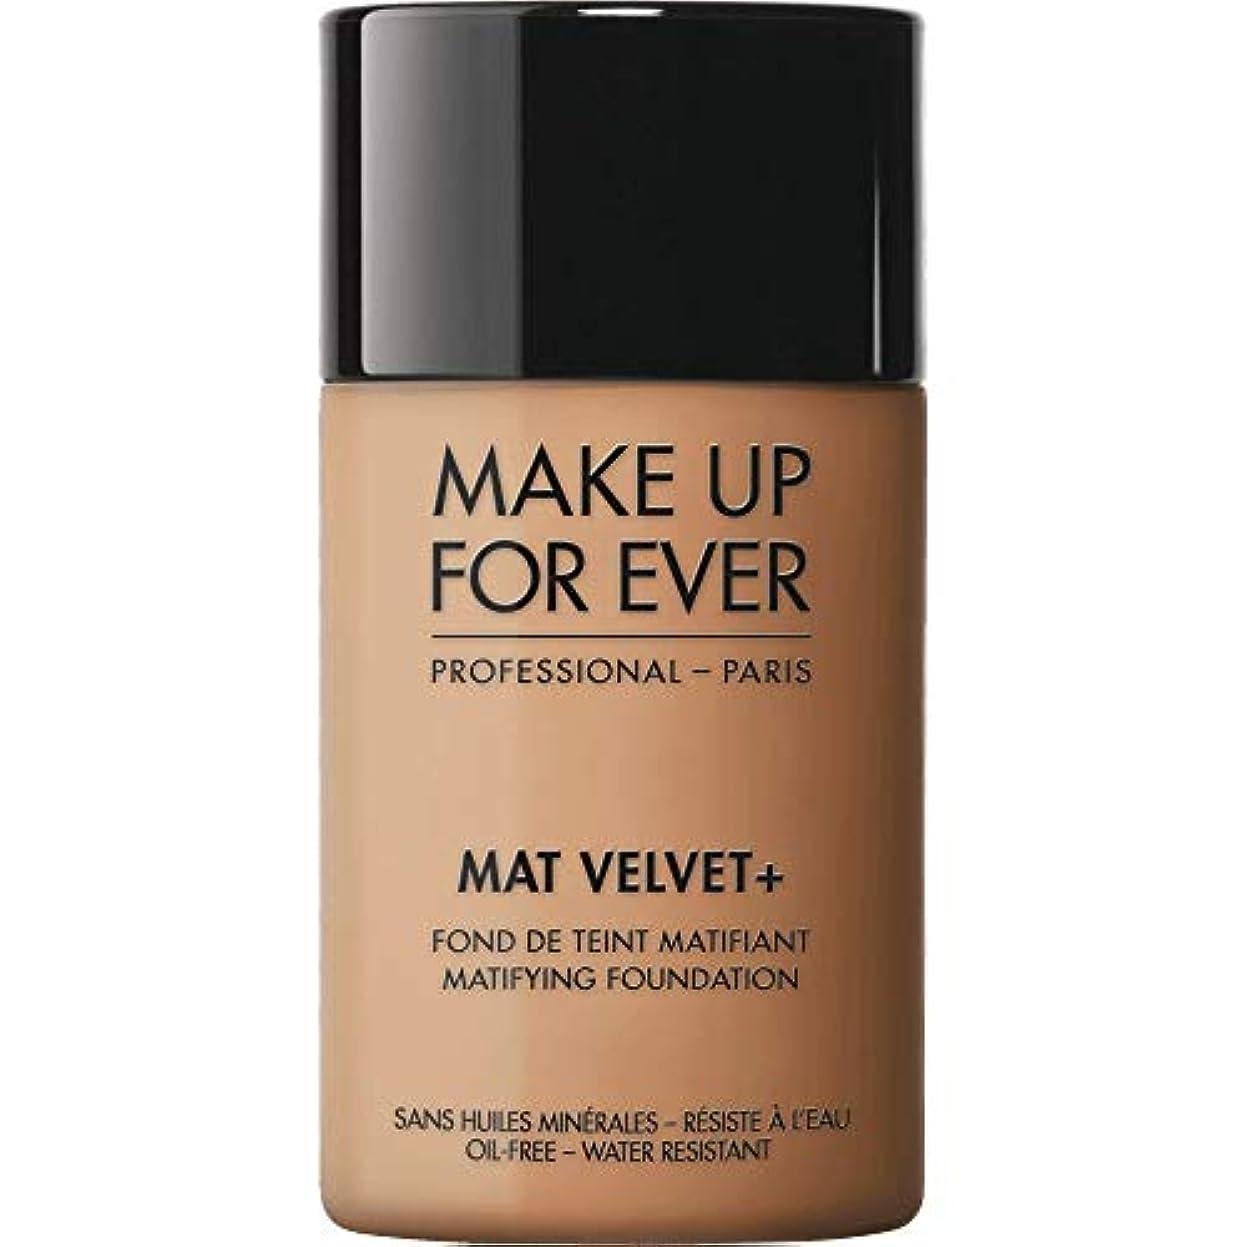 近所の主導権コンプライアンス[MAKE UP FOR EVER ] 暖かい琥珀 - これまでマットベルベット+マティファイングの基礎30ミリリットル67を補います - MAKE UP FOR EVER Mat Velvet+ Matifying Foundation...